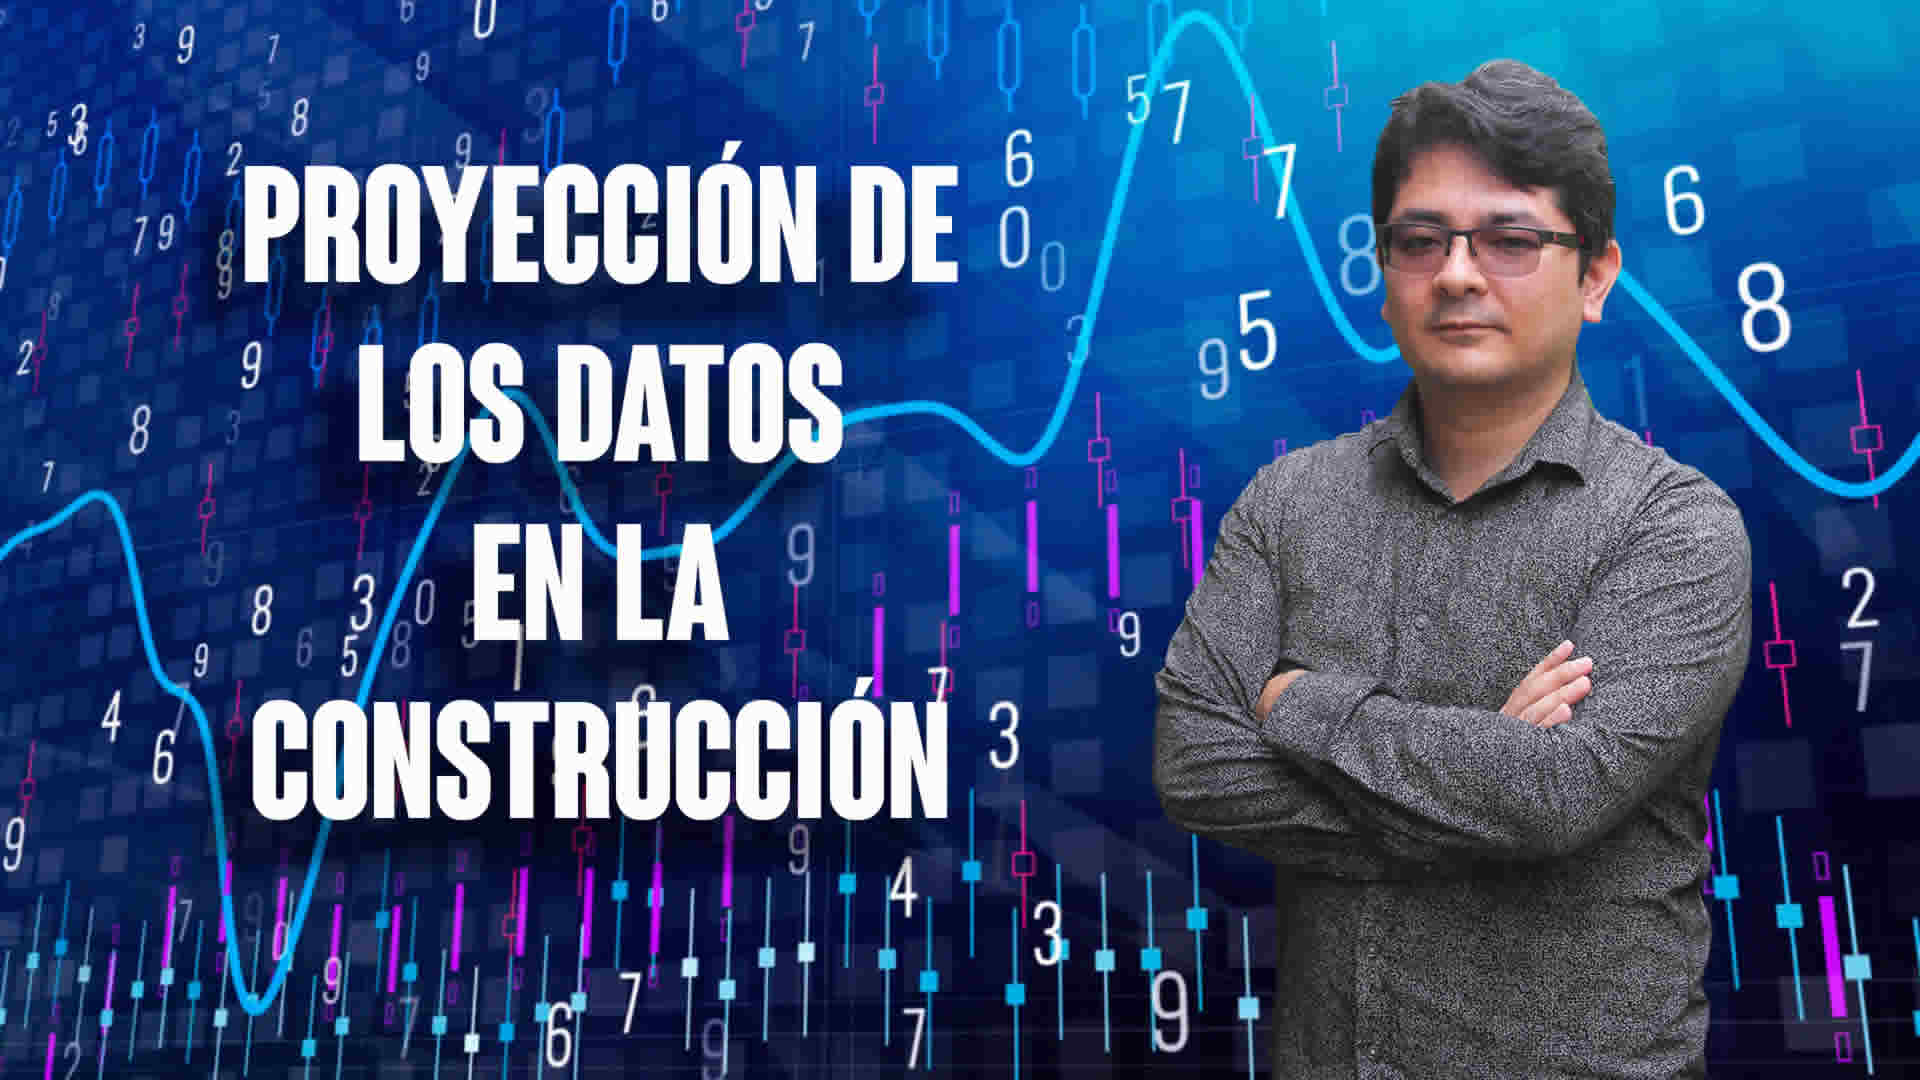 Proyección de los datos en la construcción